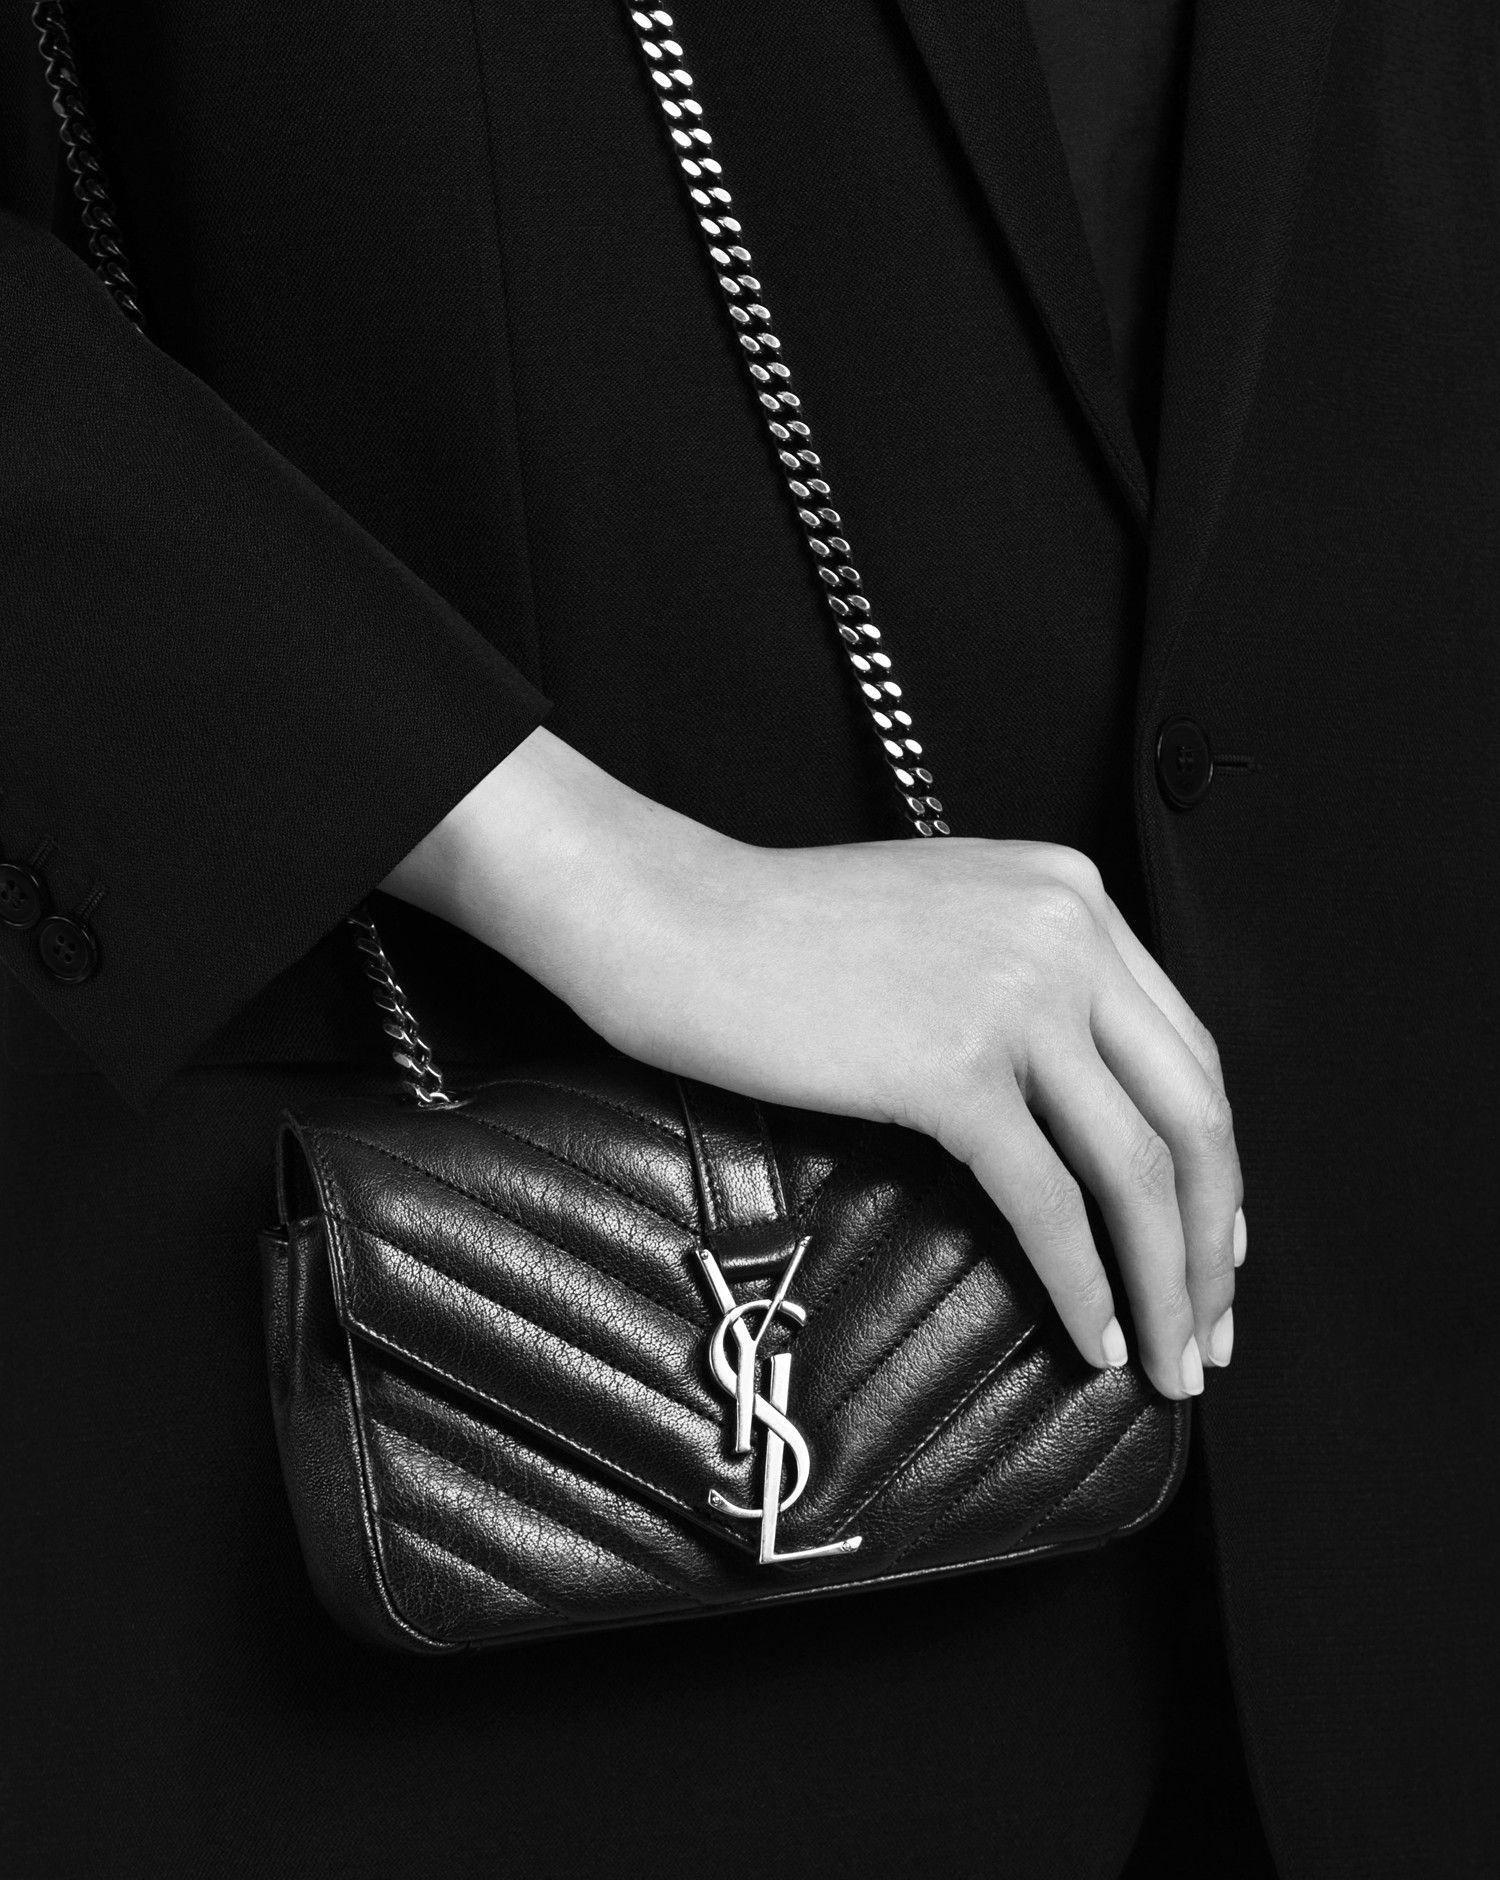 Saint Laurent CLASSIC Baby MONOGRAM SAINT LAURENT Chain Bag In Black  Matelassé Leather  dddc7a477d8a5